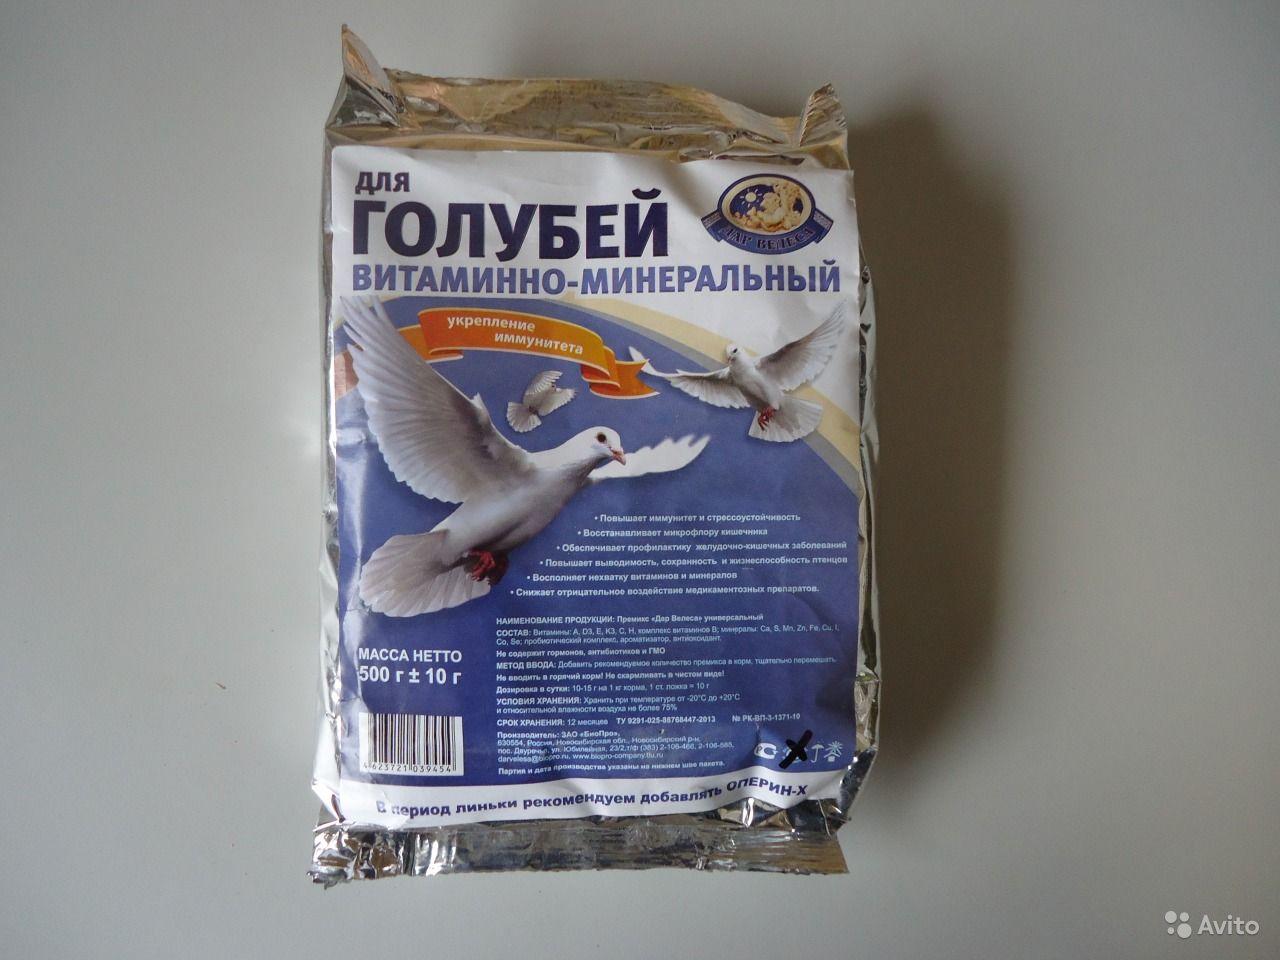 Как использовать ласоту для голубей?